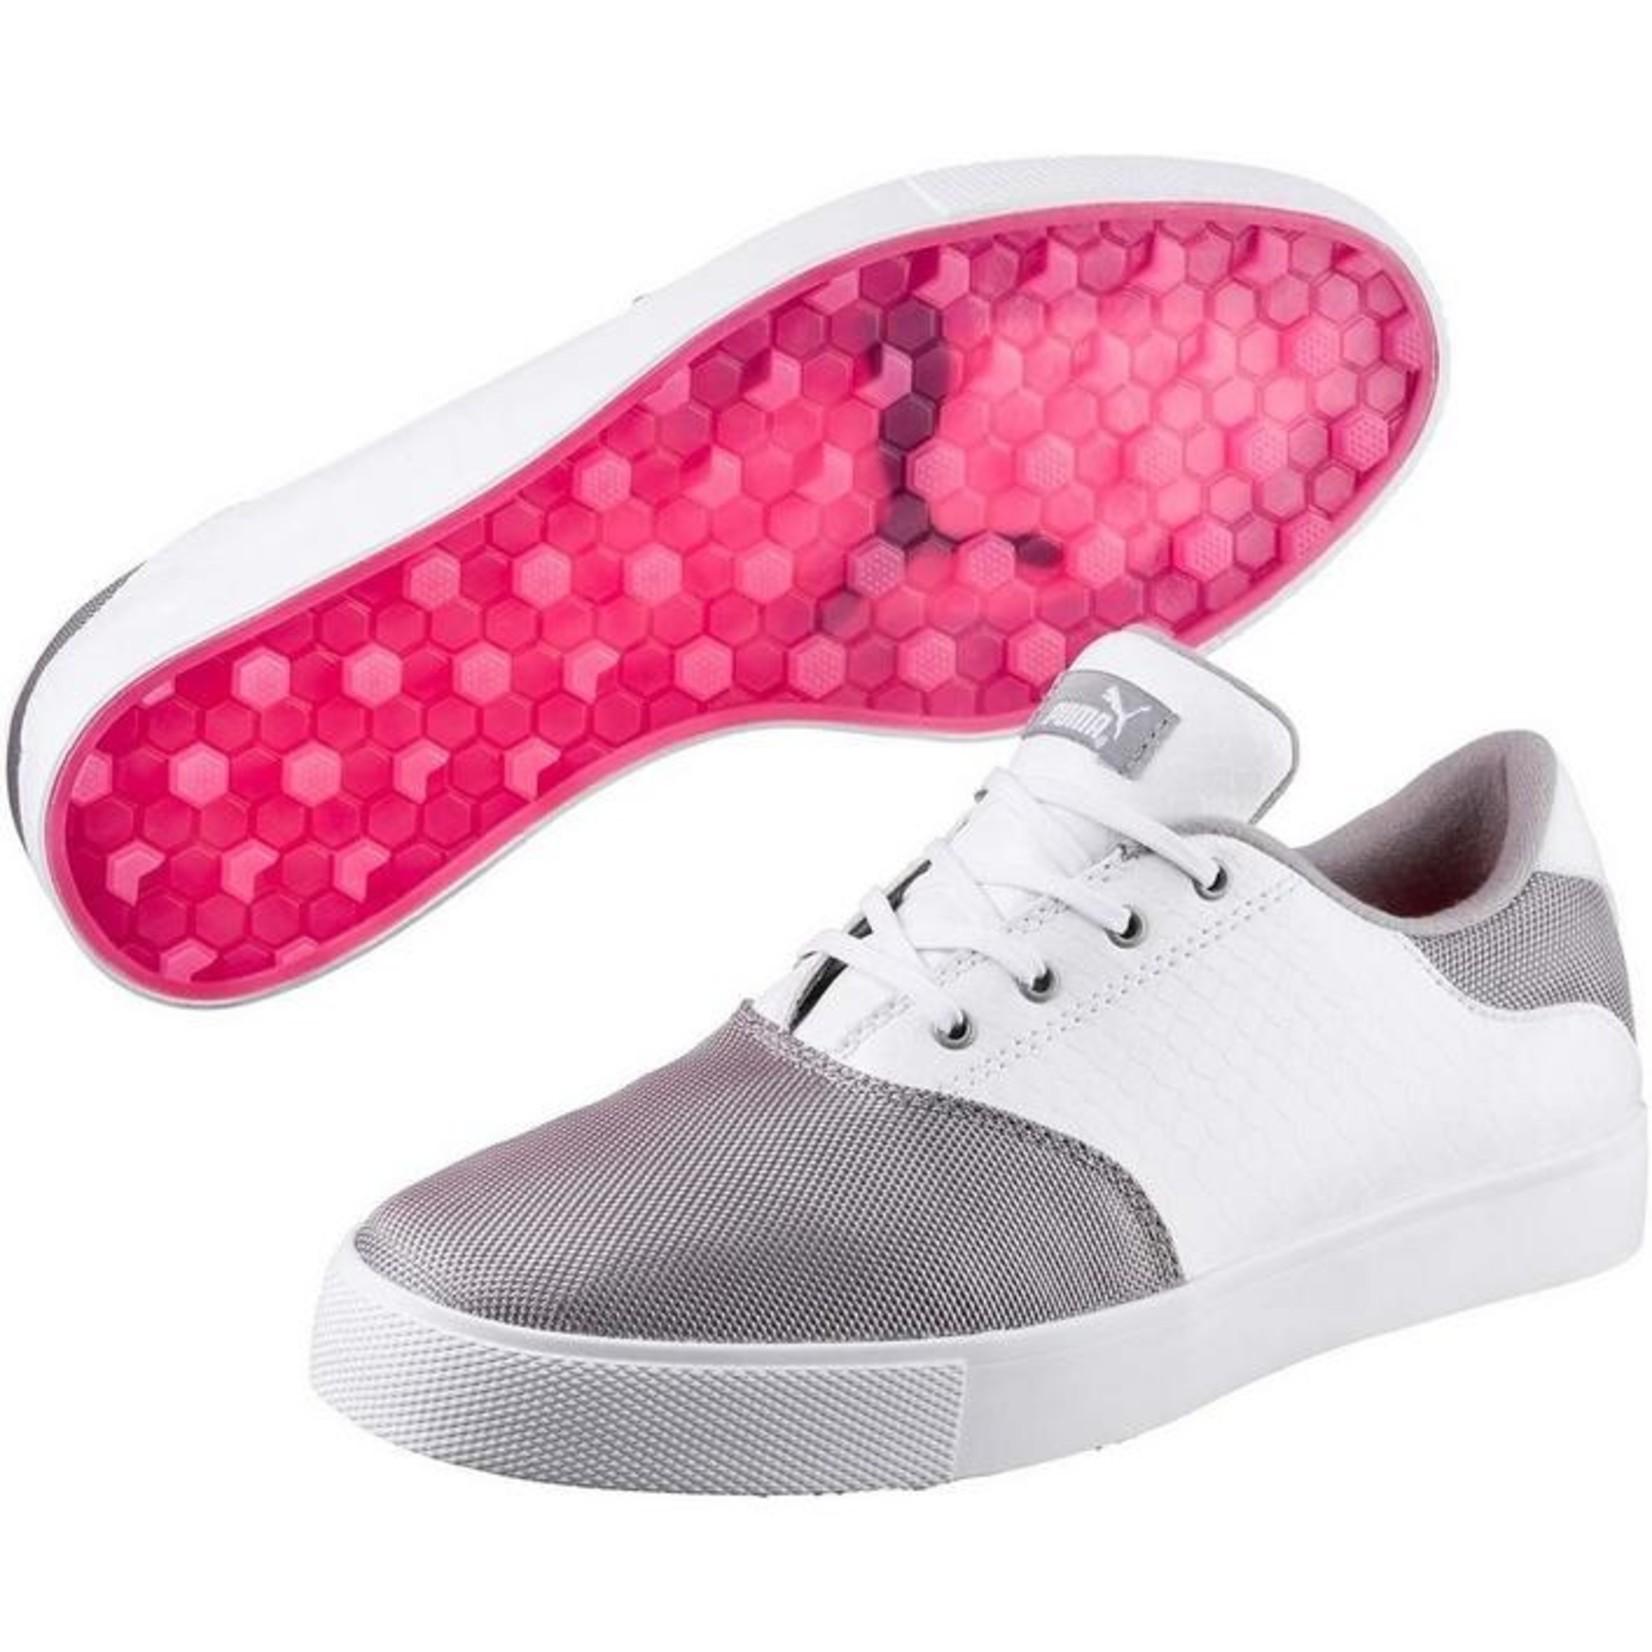 Puma Puma Wmn's Tustin Saddle Shoe